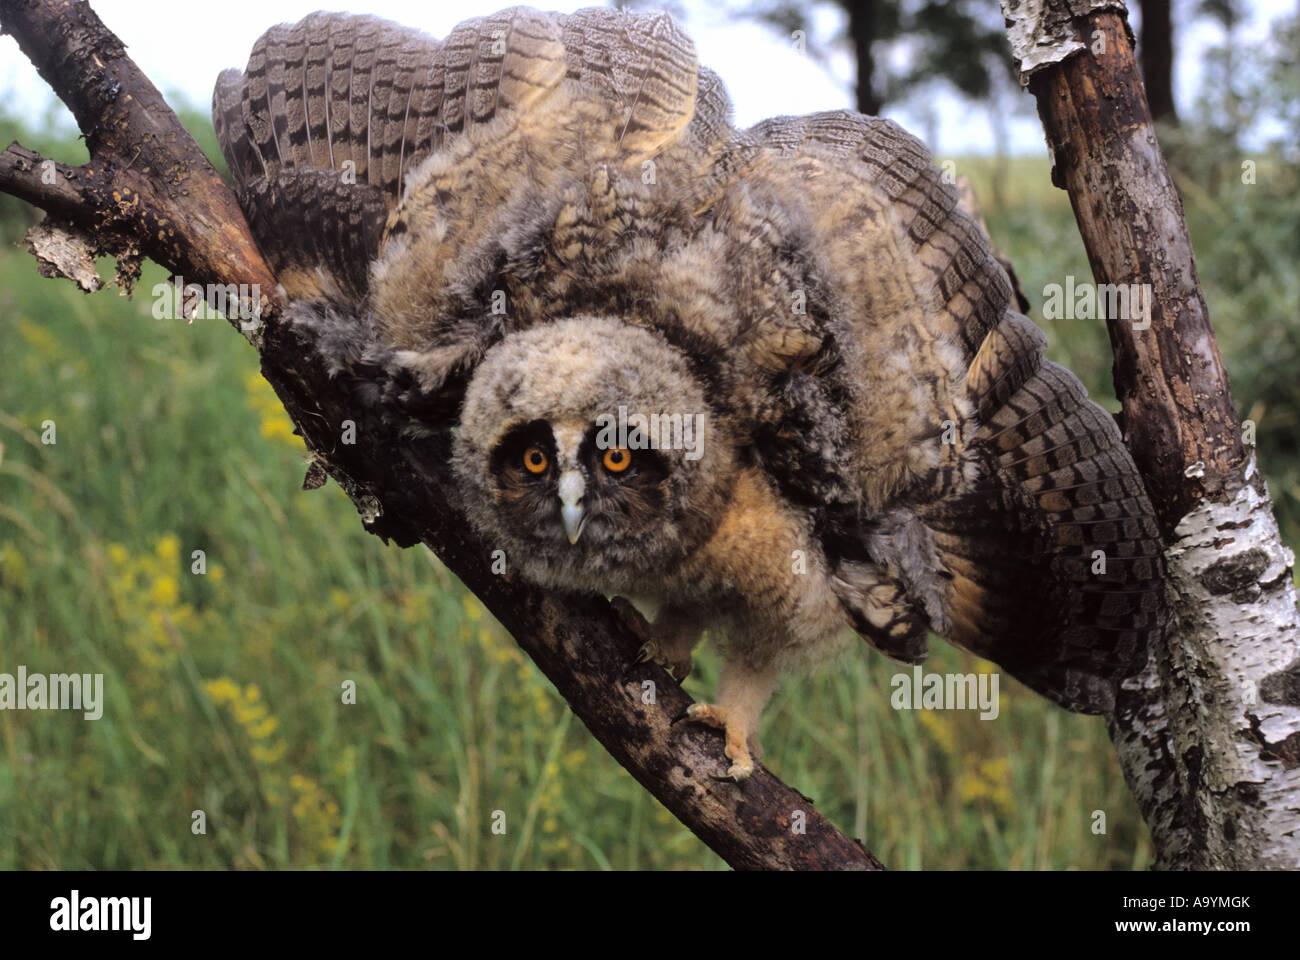 Búho de orejas largas (asio otus) género ASIO, incipiente, gesto amenazador Imagen De Stock